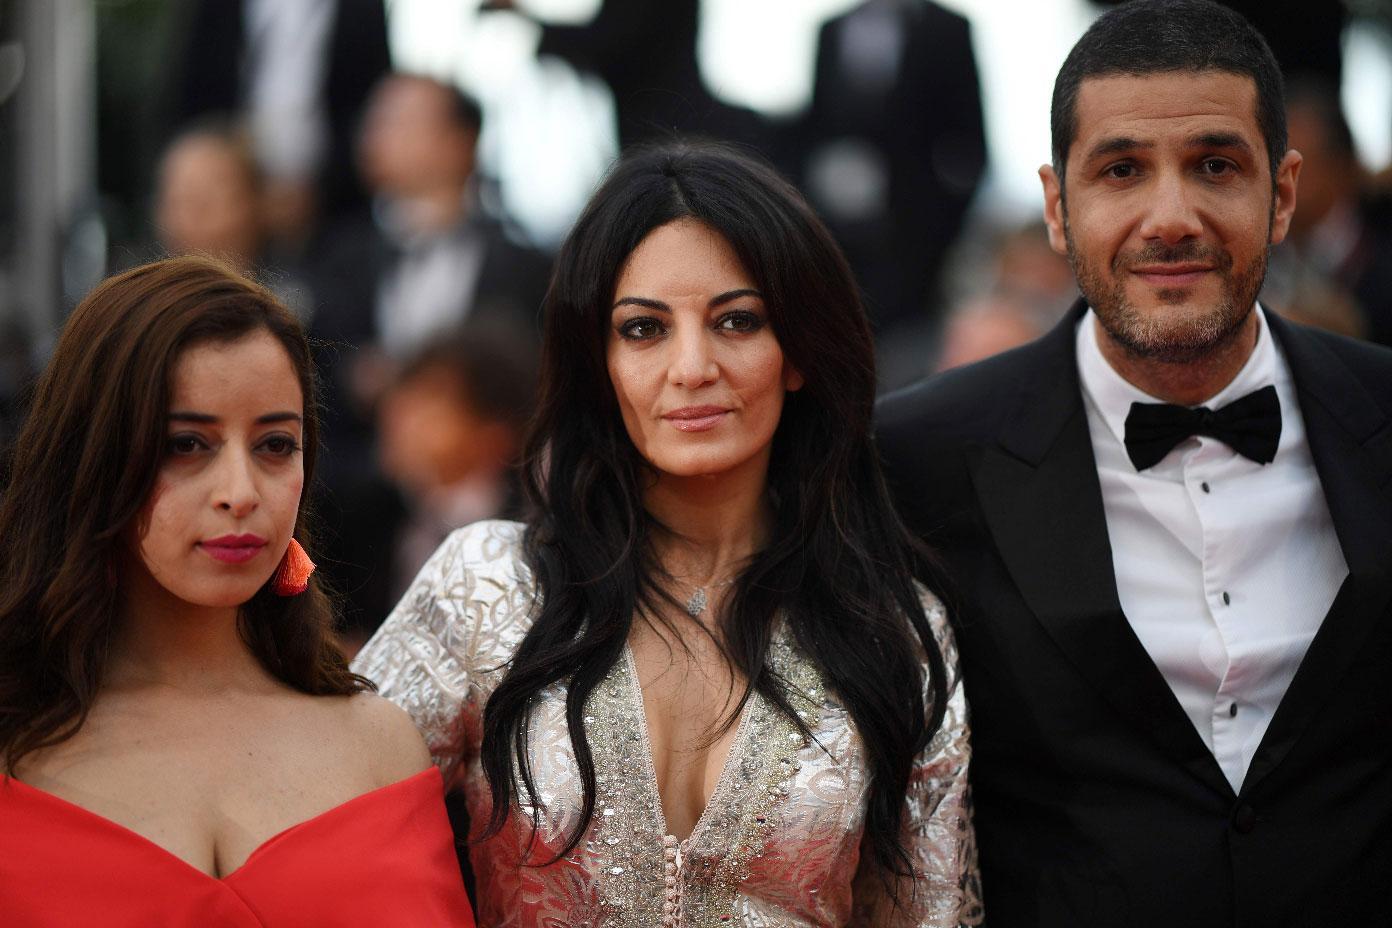 """صورة تتويج الفيلم المغربي """"آدم"""" في مهرجان الفيلم الفرنكفوني لأنغوليم"""